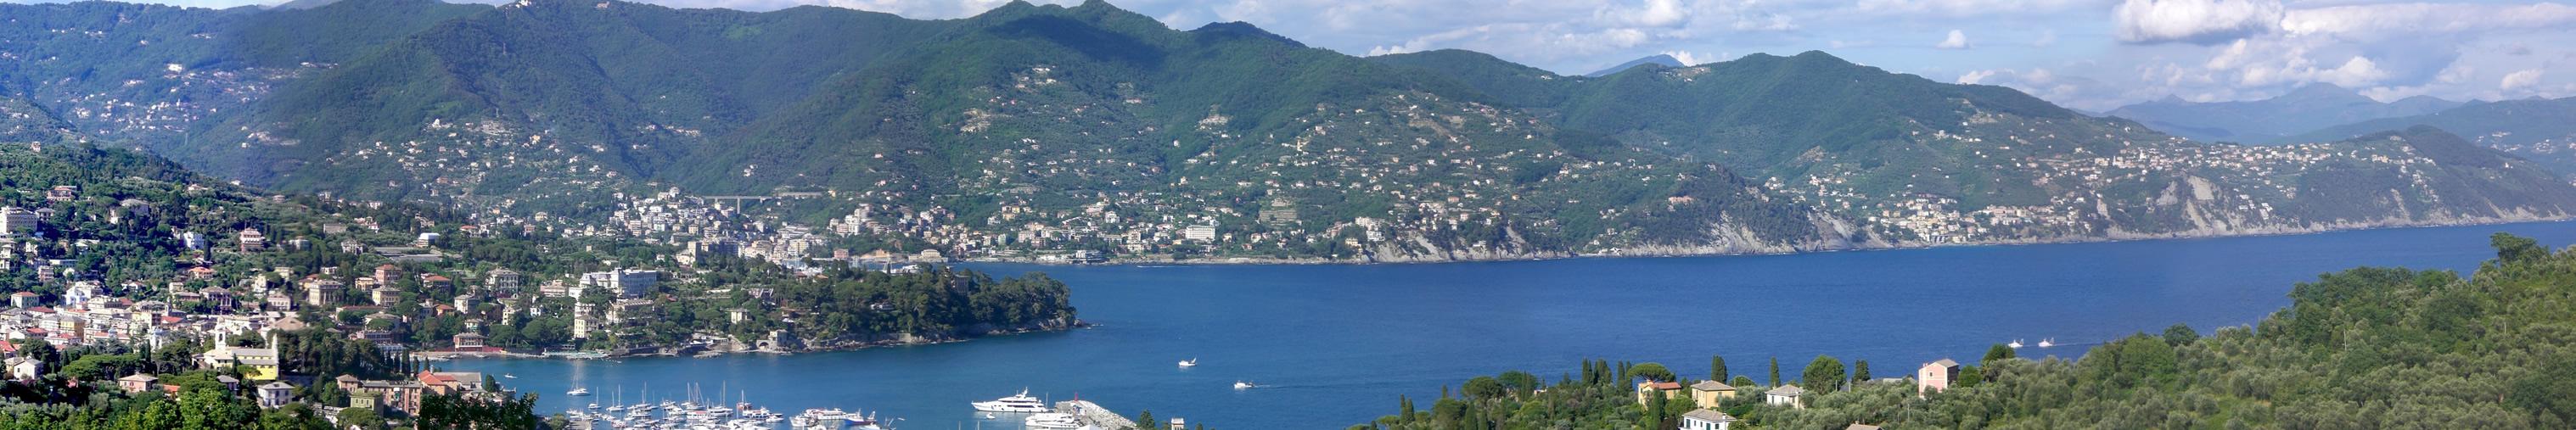 Santa Margherita Ligure Nozarego